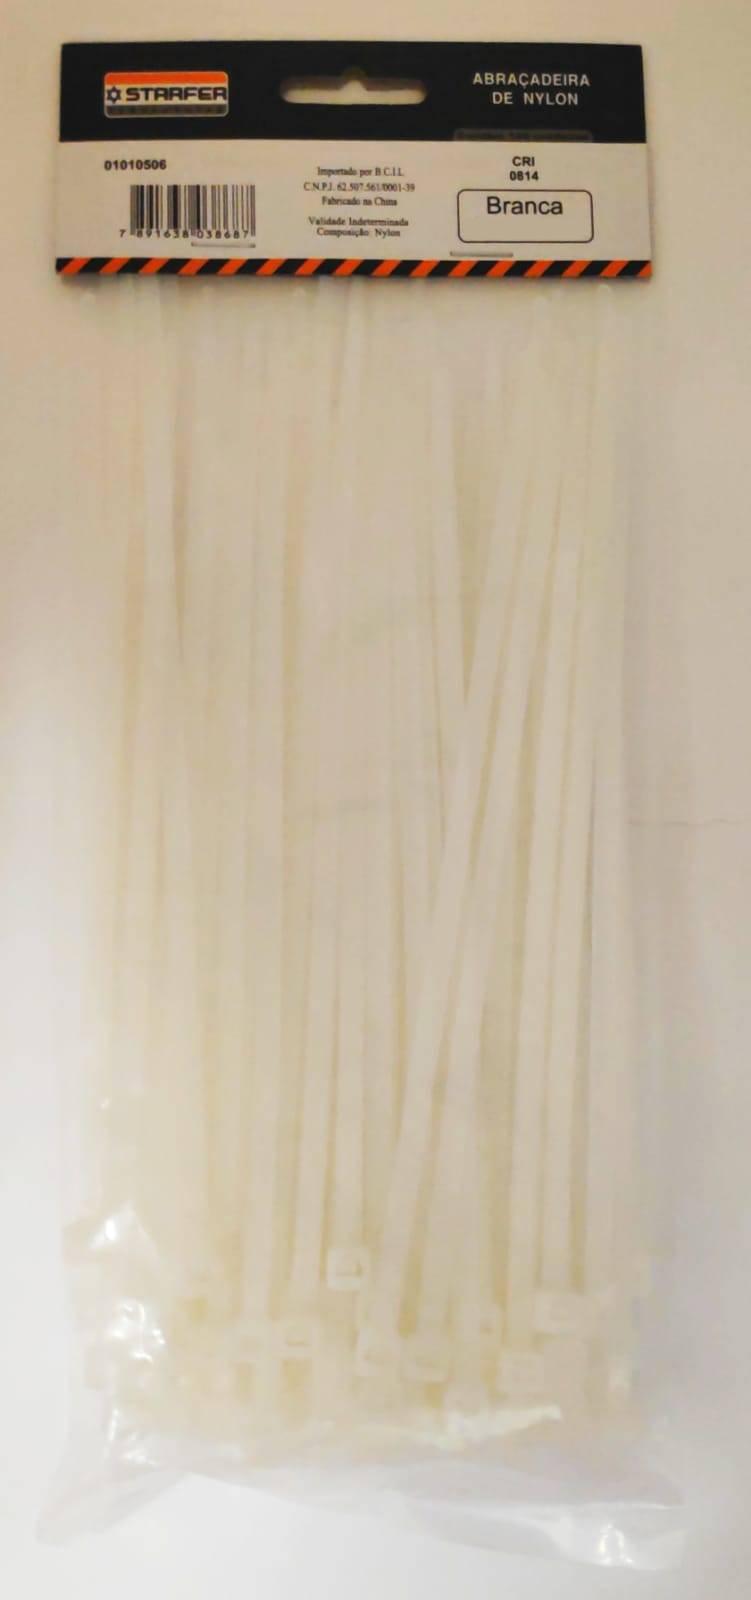 Abraçadeira de Nylon Branca 150mmx3,6mm Com 100 Peças - Starfer